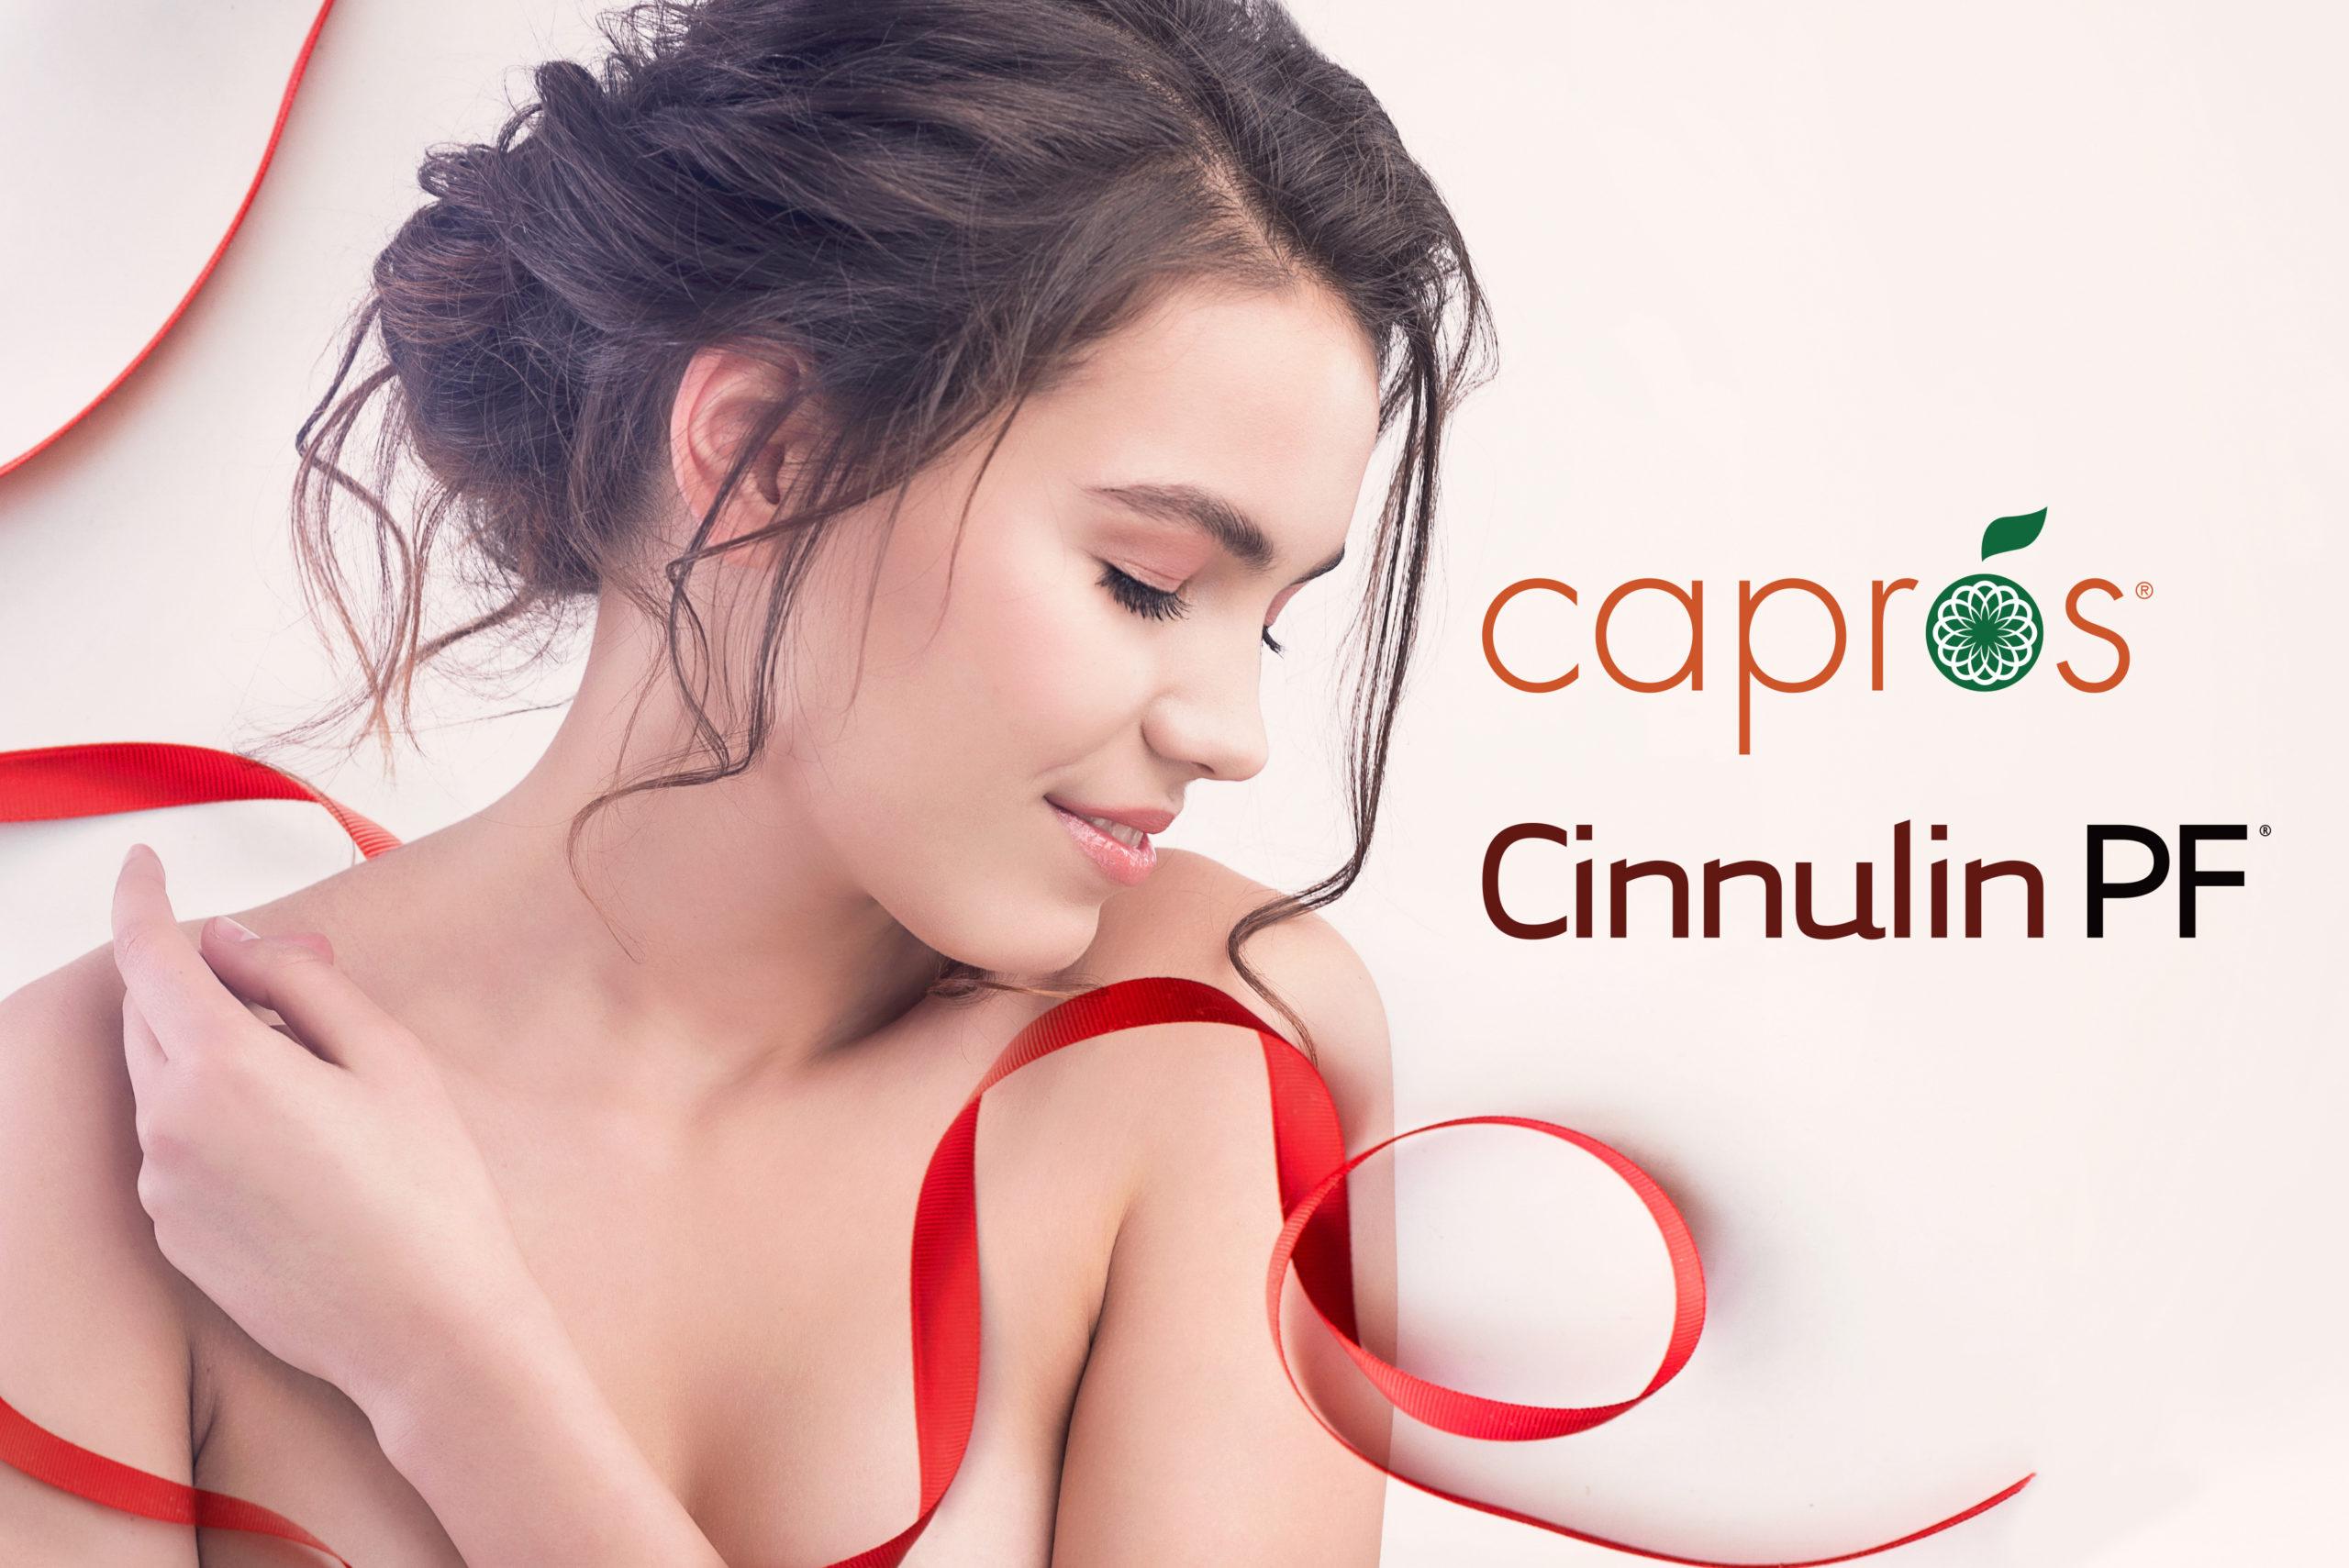 抓住她经济 聚焦她营养 |  美国「青春余甘子Capros®」&「NMN-Like安德森肉桂Cinnulin PF®」